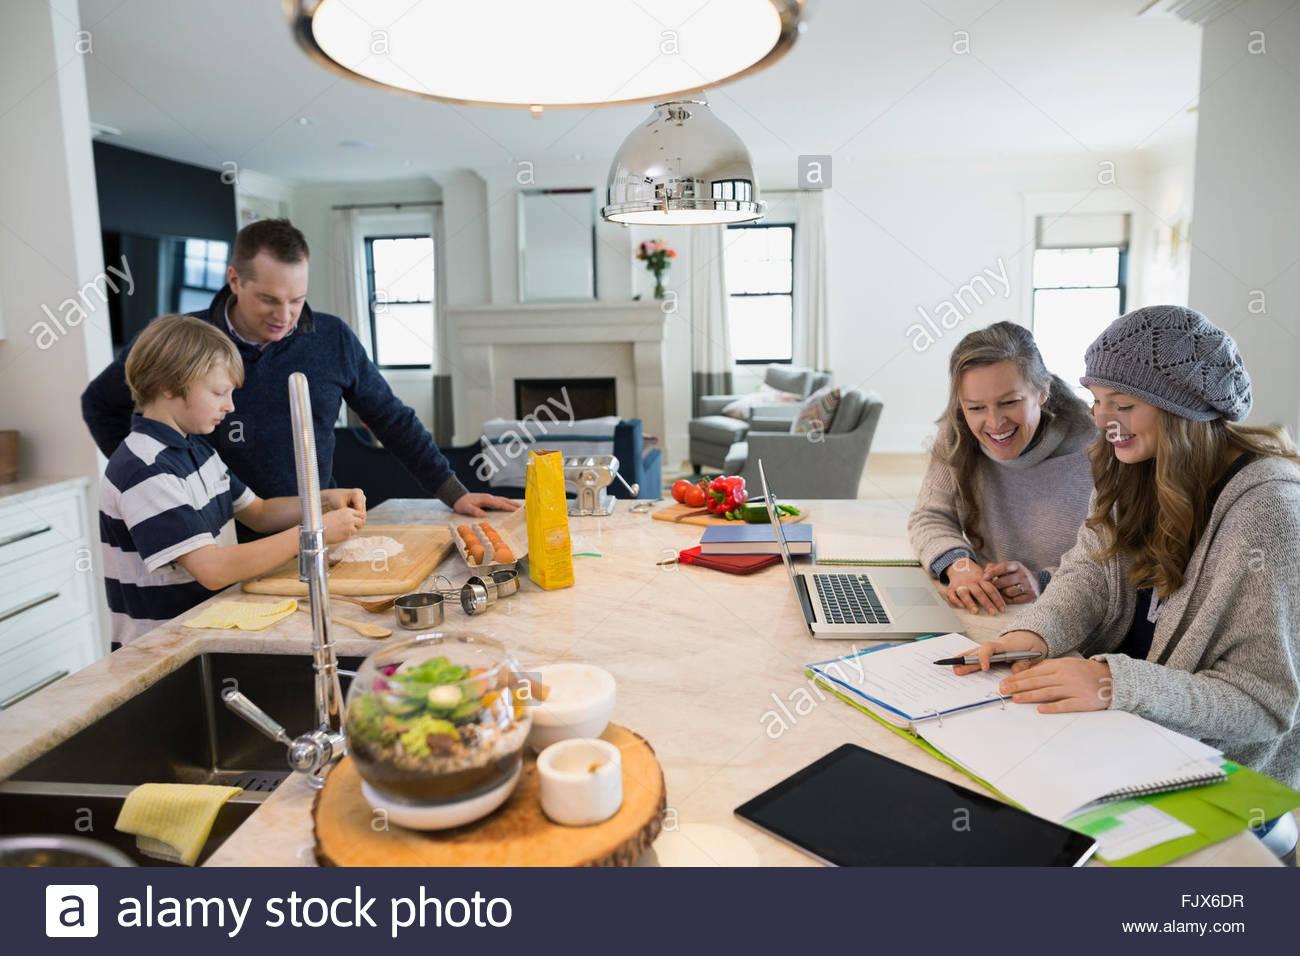 Familia hornear y hacer las tareas en la isla de cocina Imagen De Stock